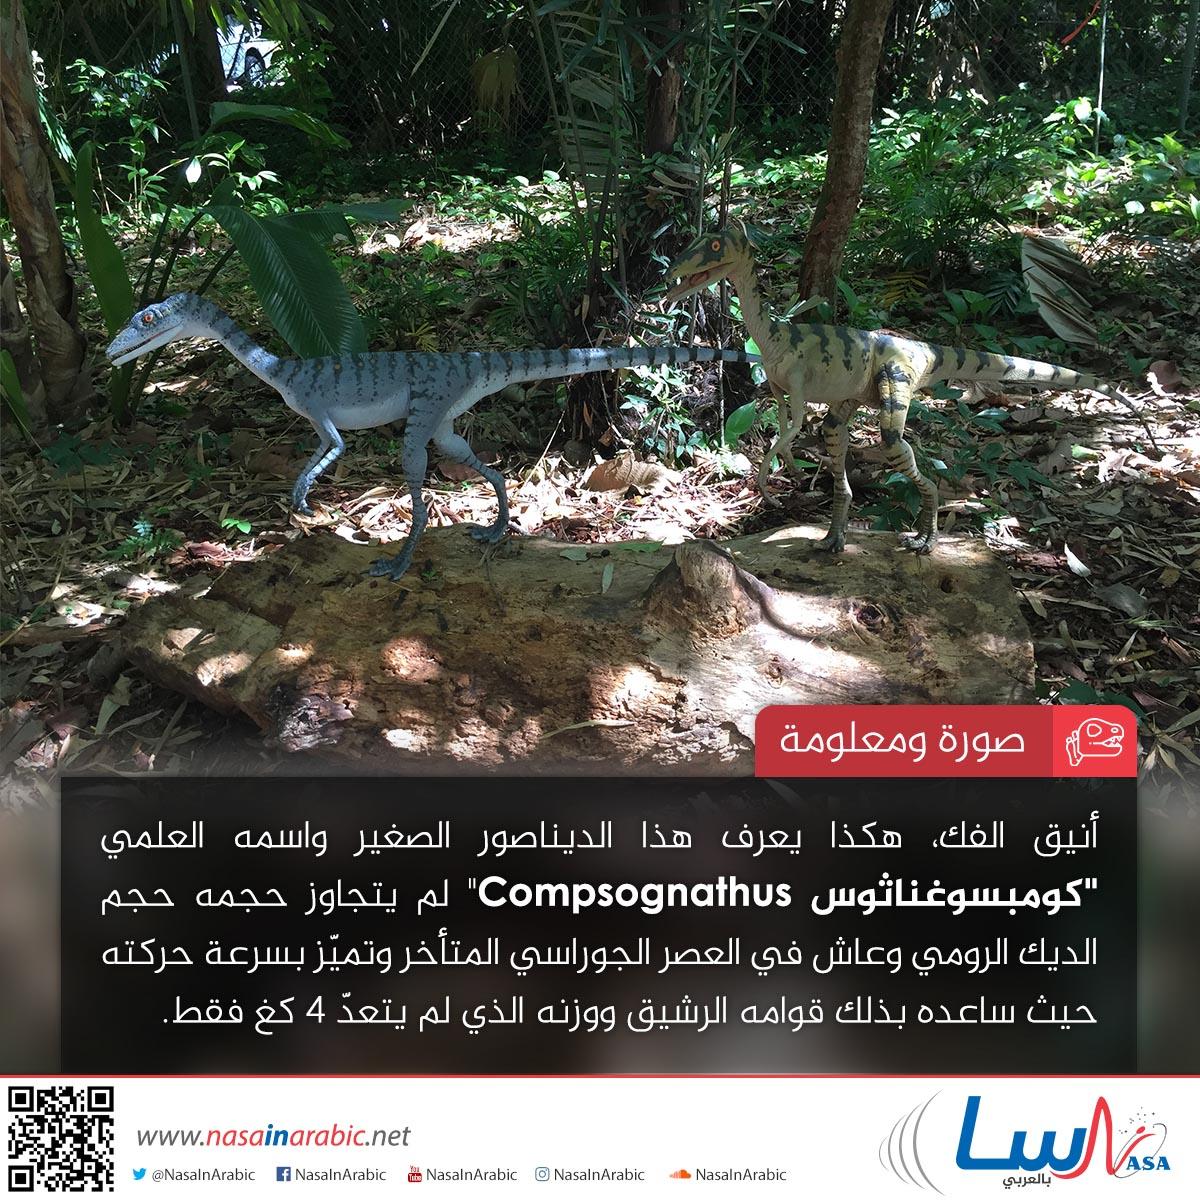 كومبسوغناثوس Compsognathus